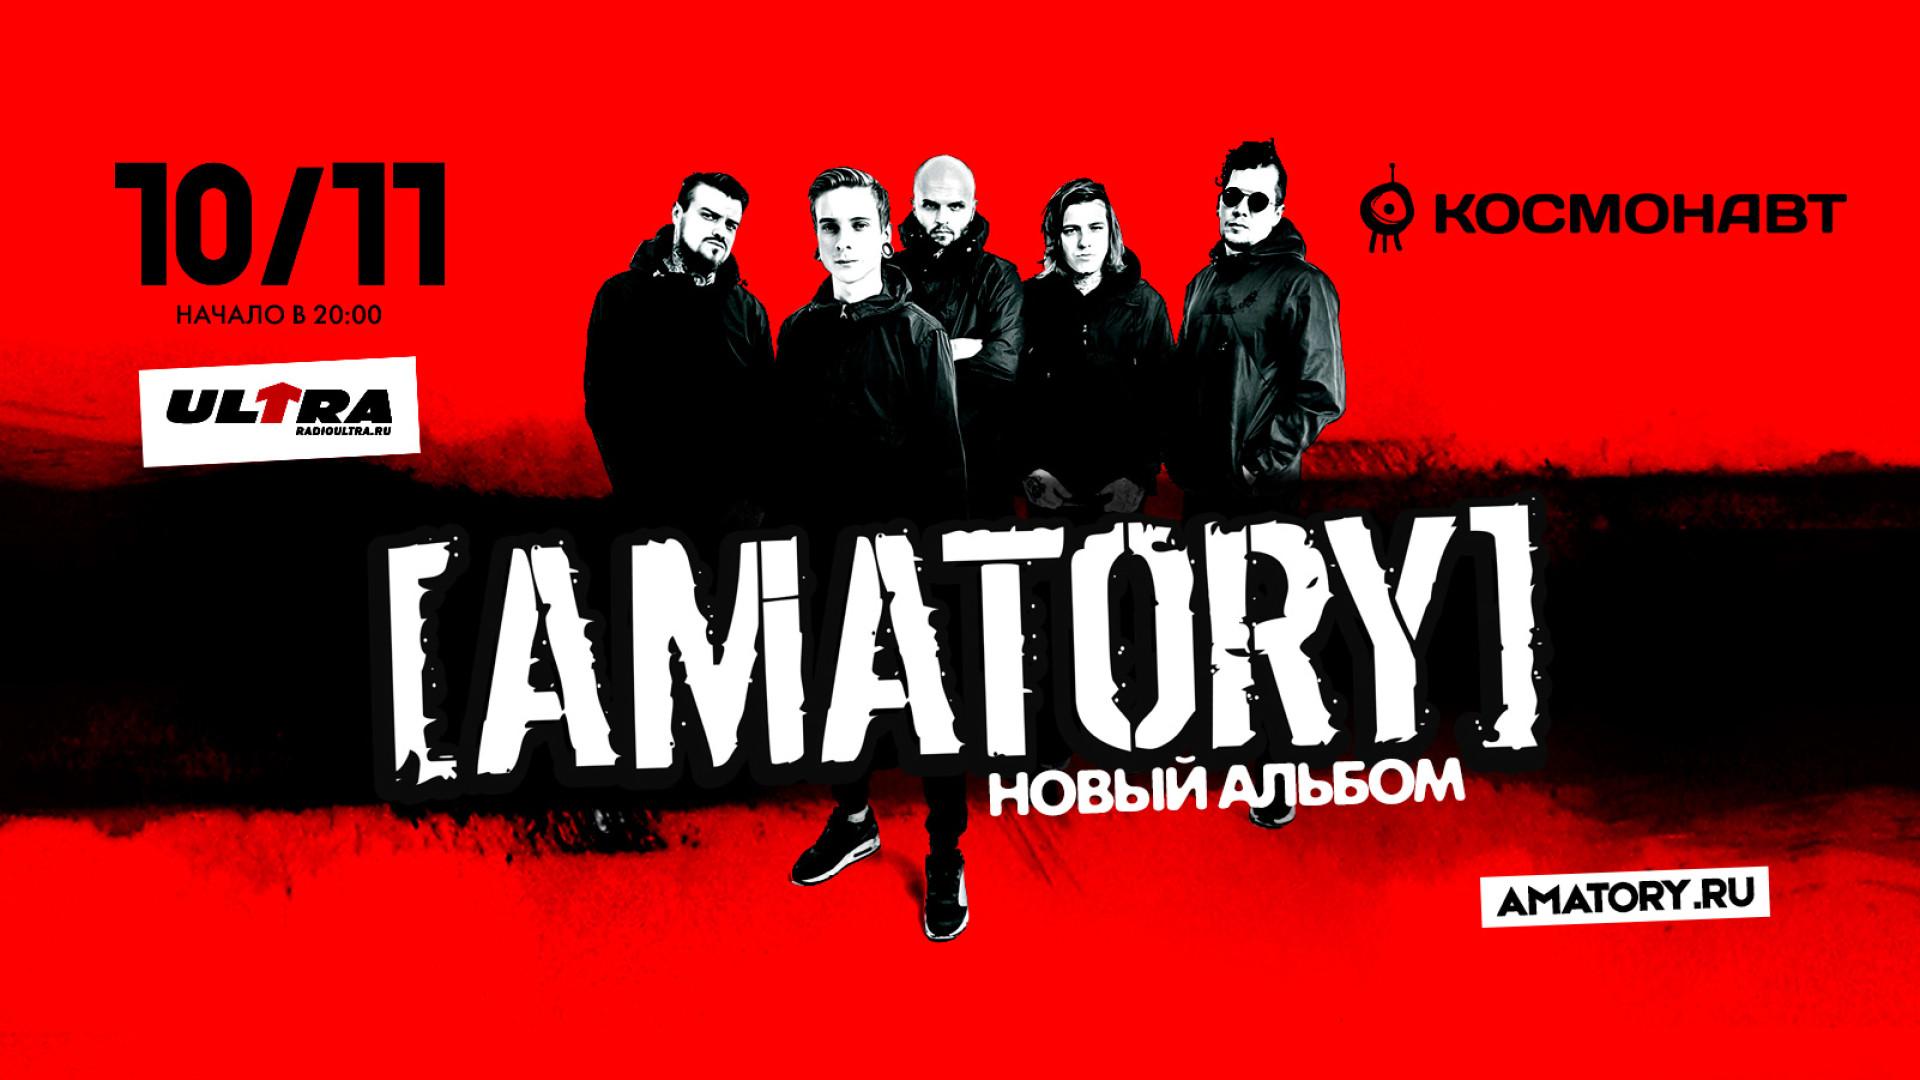 [AMATORY]